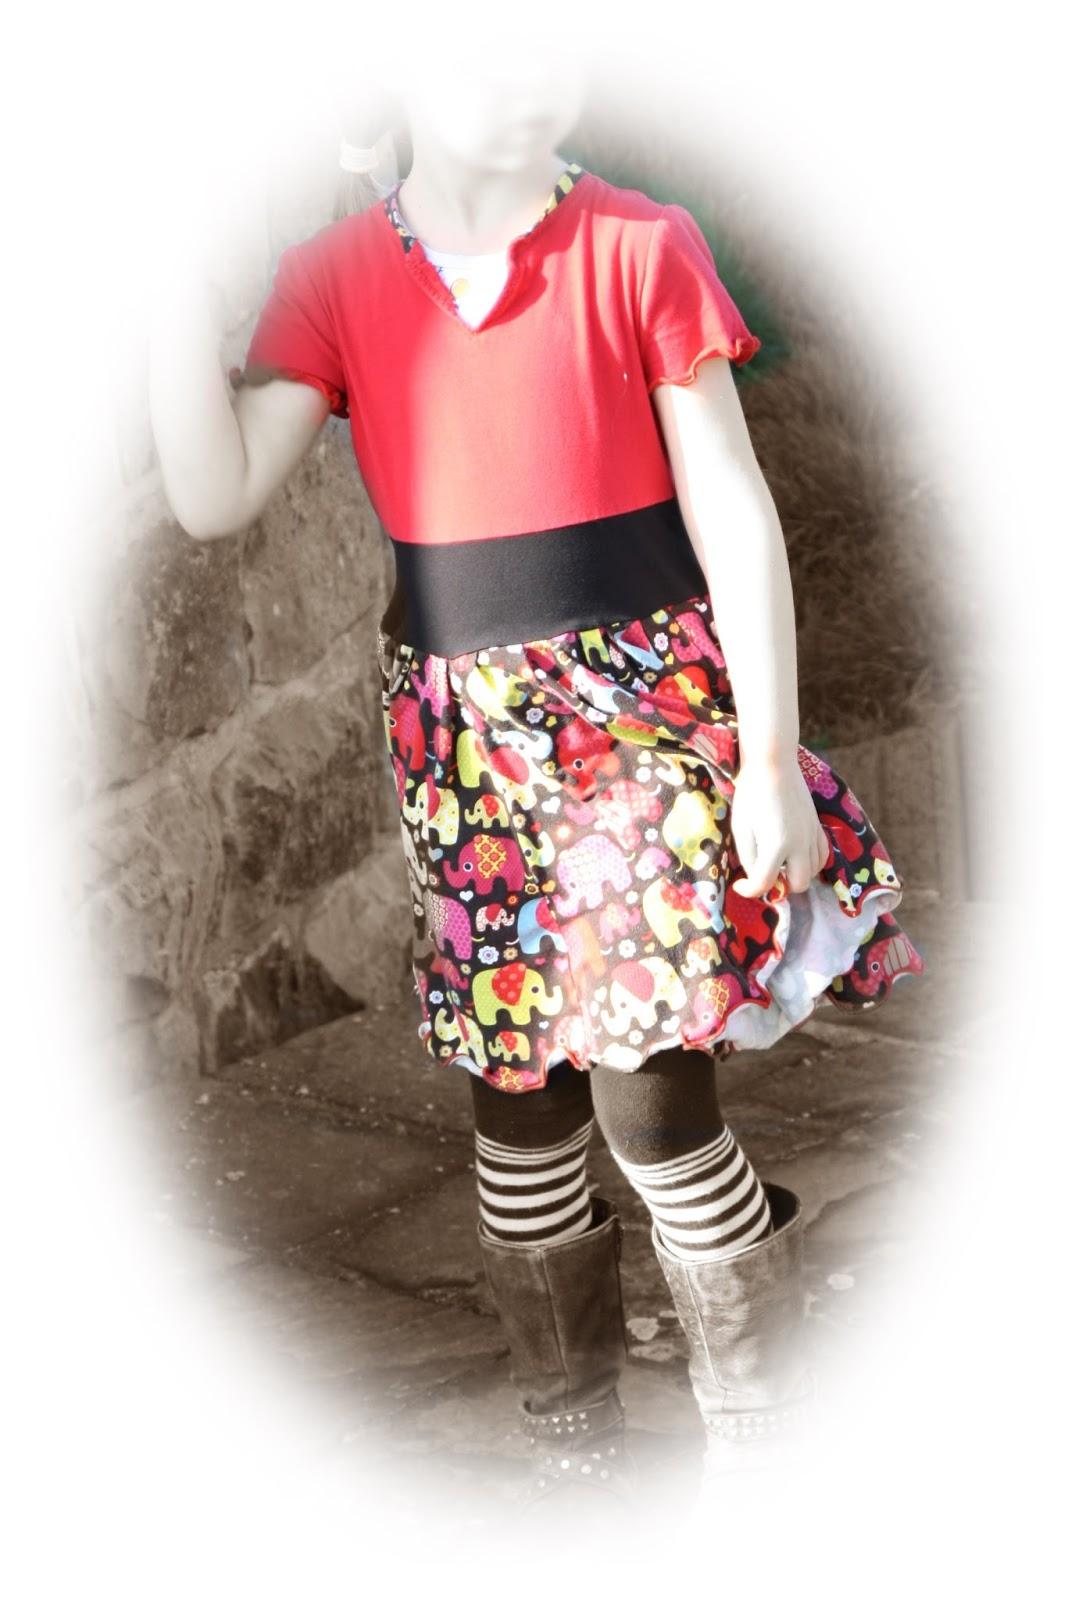 resibesi: Mama ich brauche ein Kleid ...